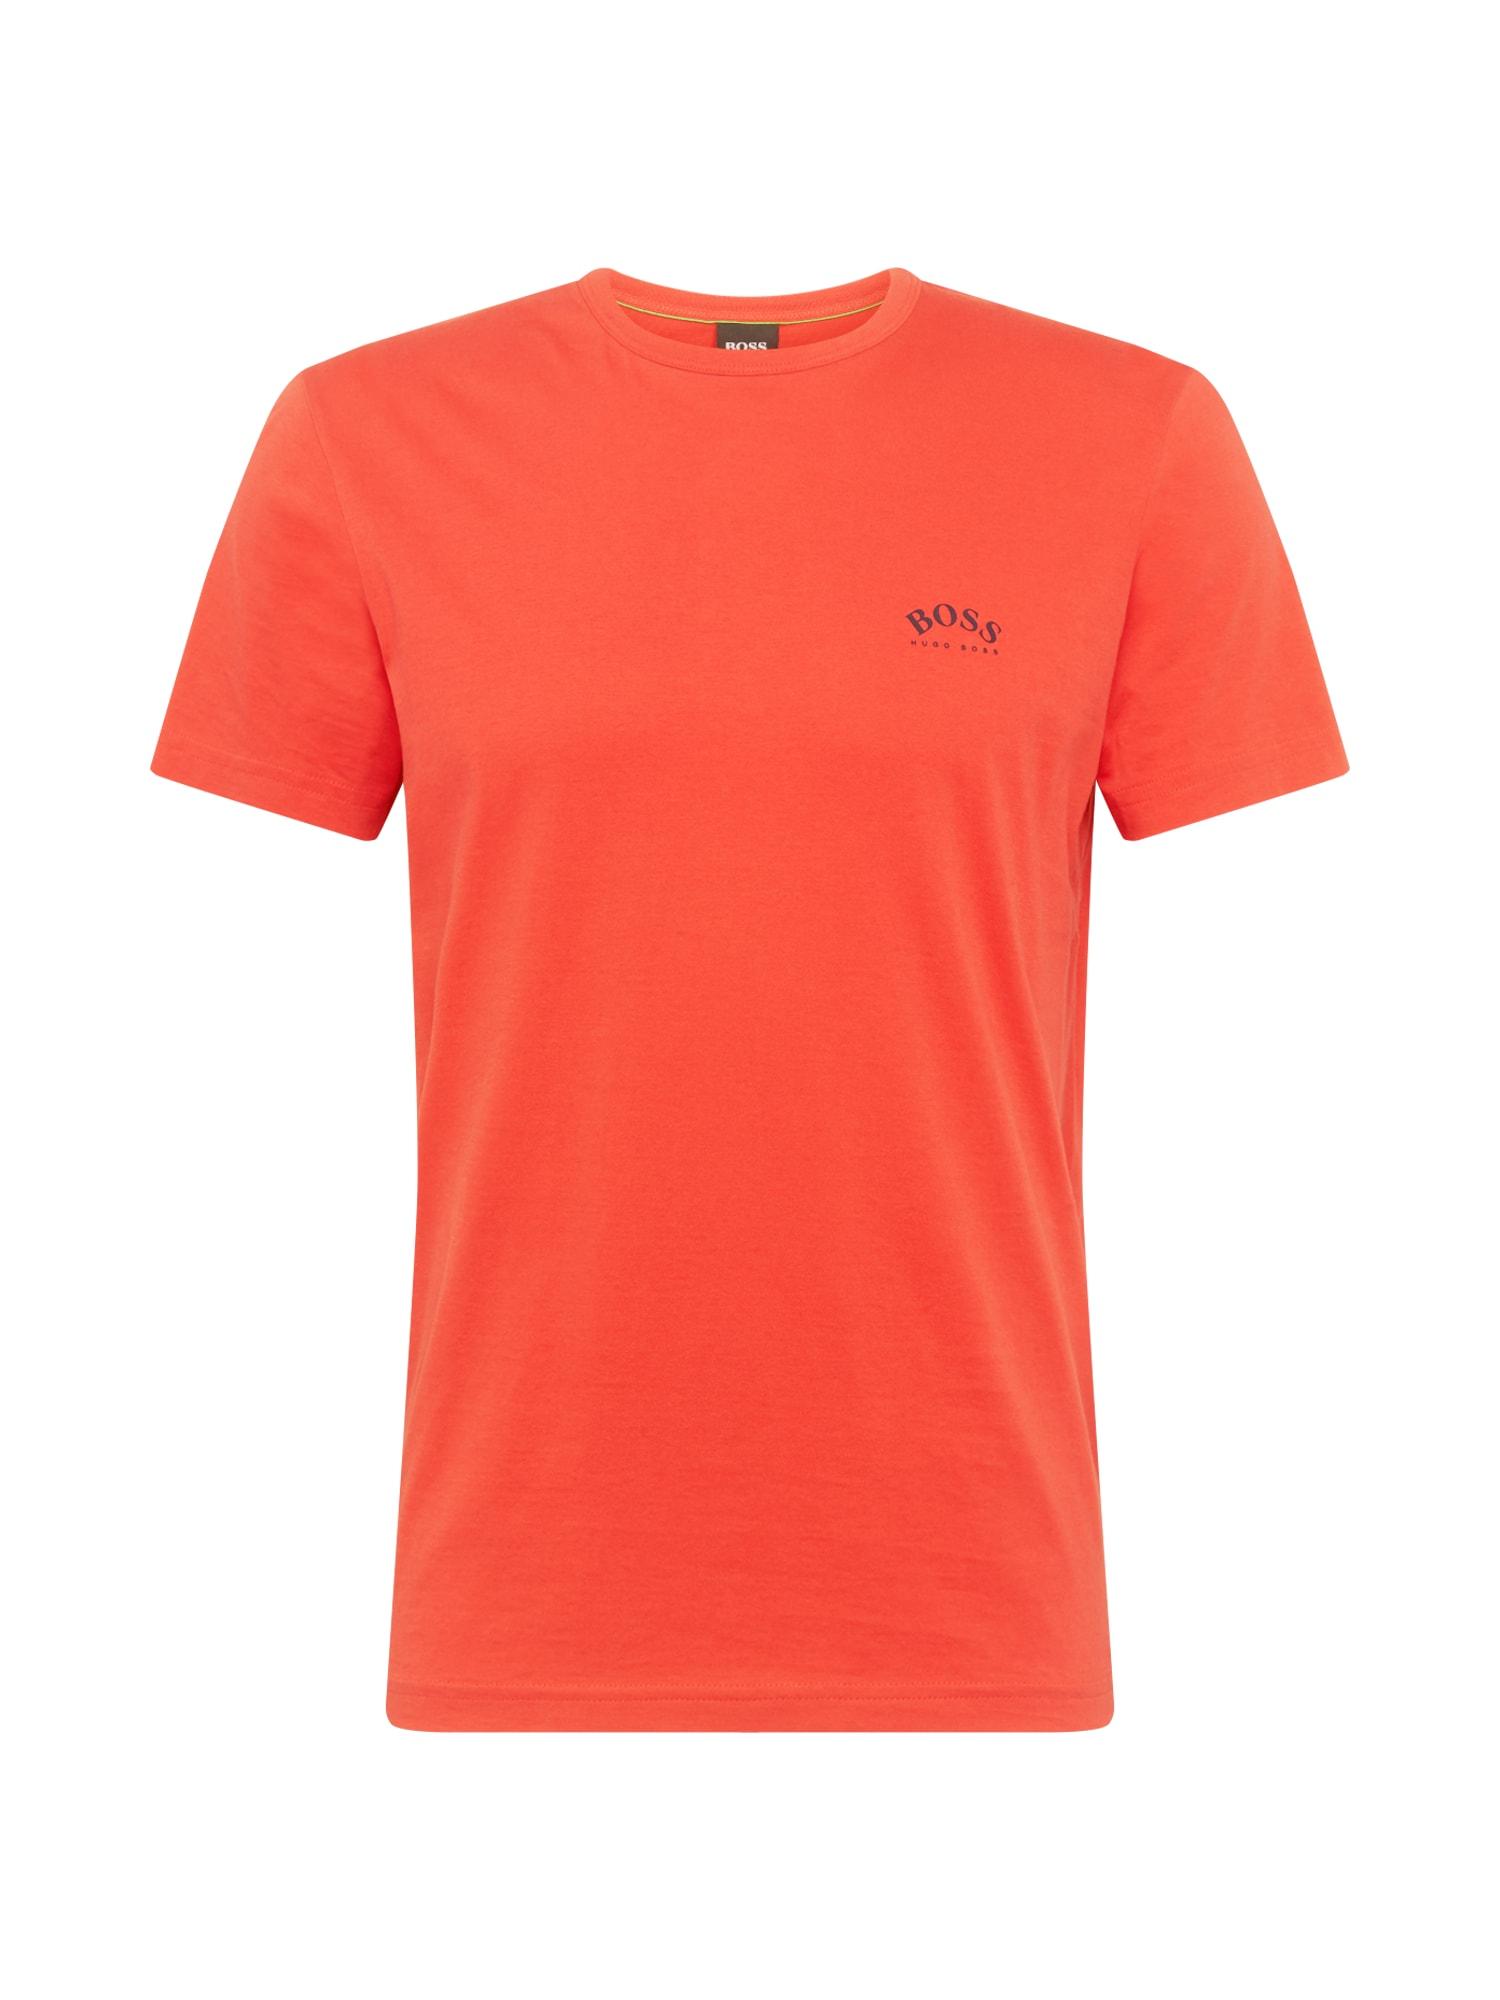 BOSS ATHLEISURE Marškinėliai raudona